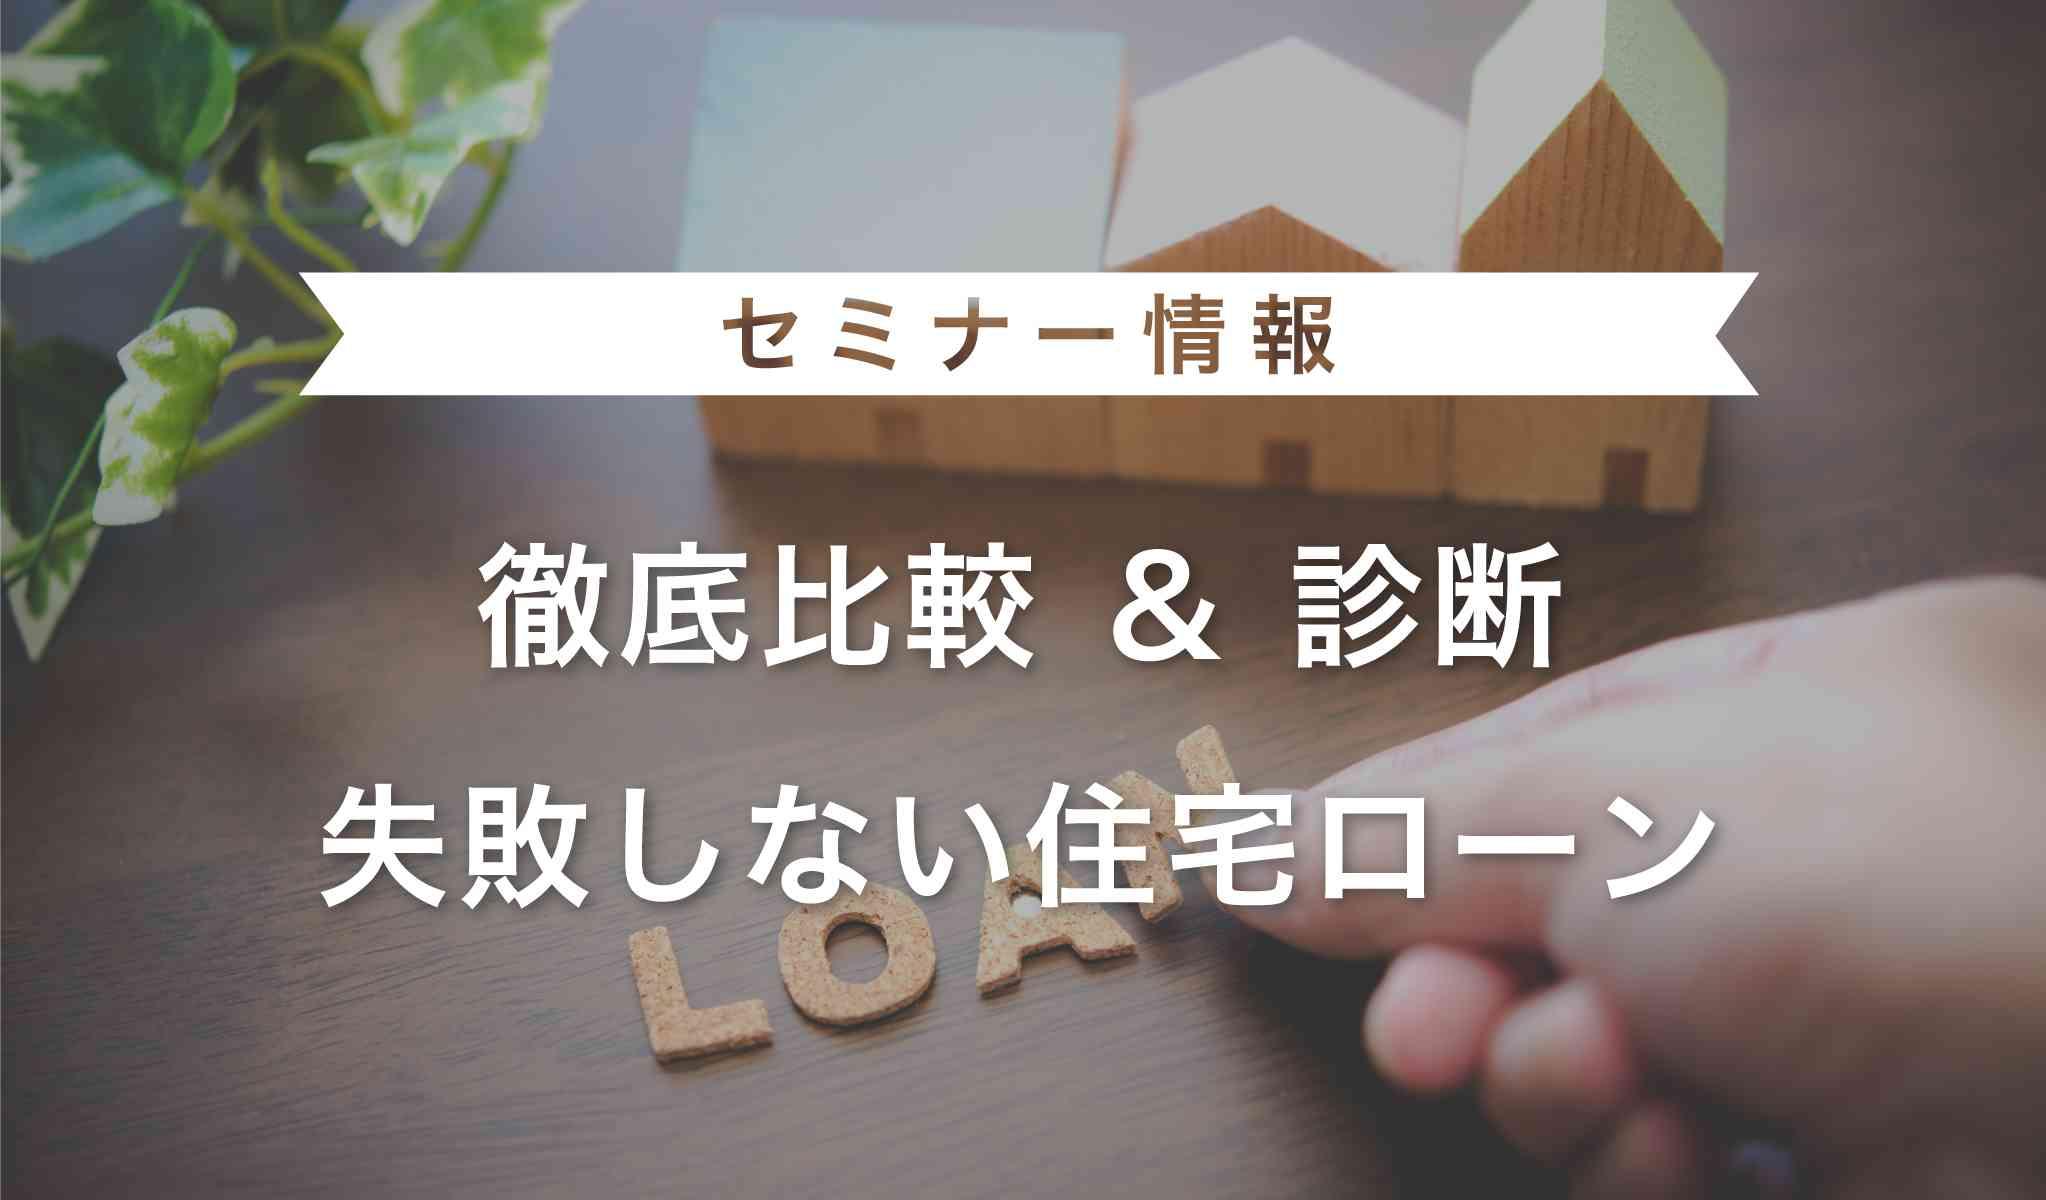 【個別相談会】徹底比較&診断:失敗しない住宅ローンセミナー